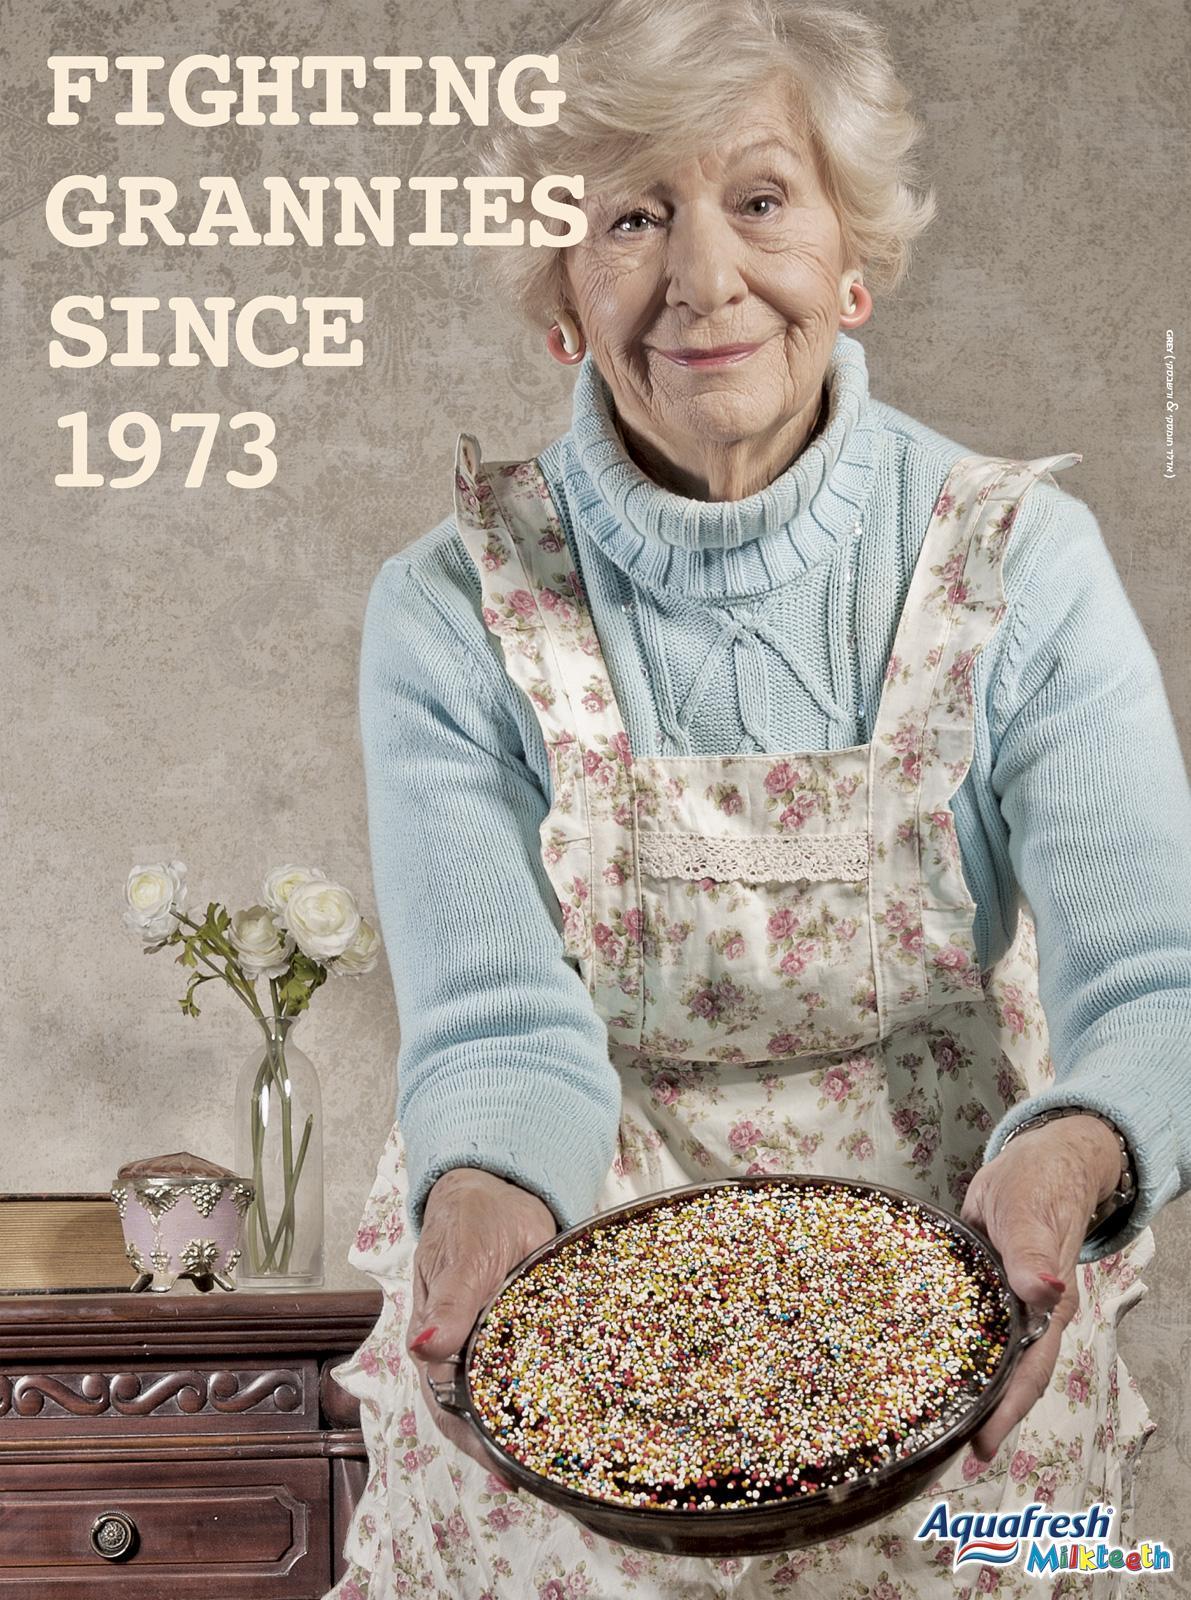 Les publicités les plus créatives sur la Pâtisserie - Spécial #LeMeilleurPâtissier 25